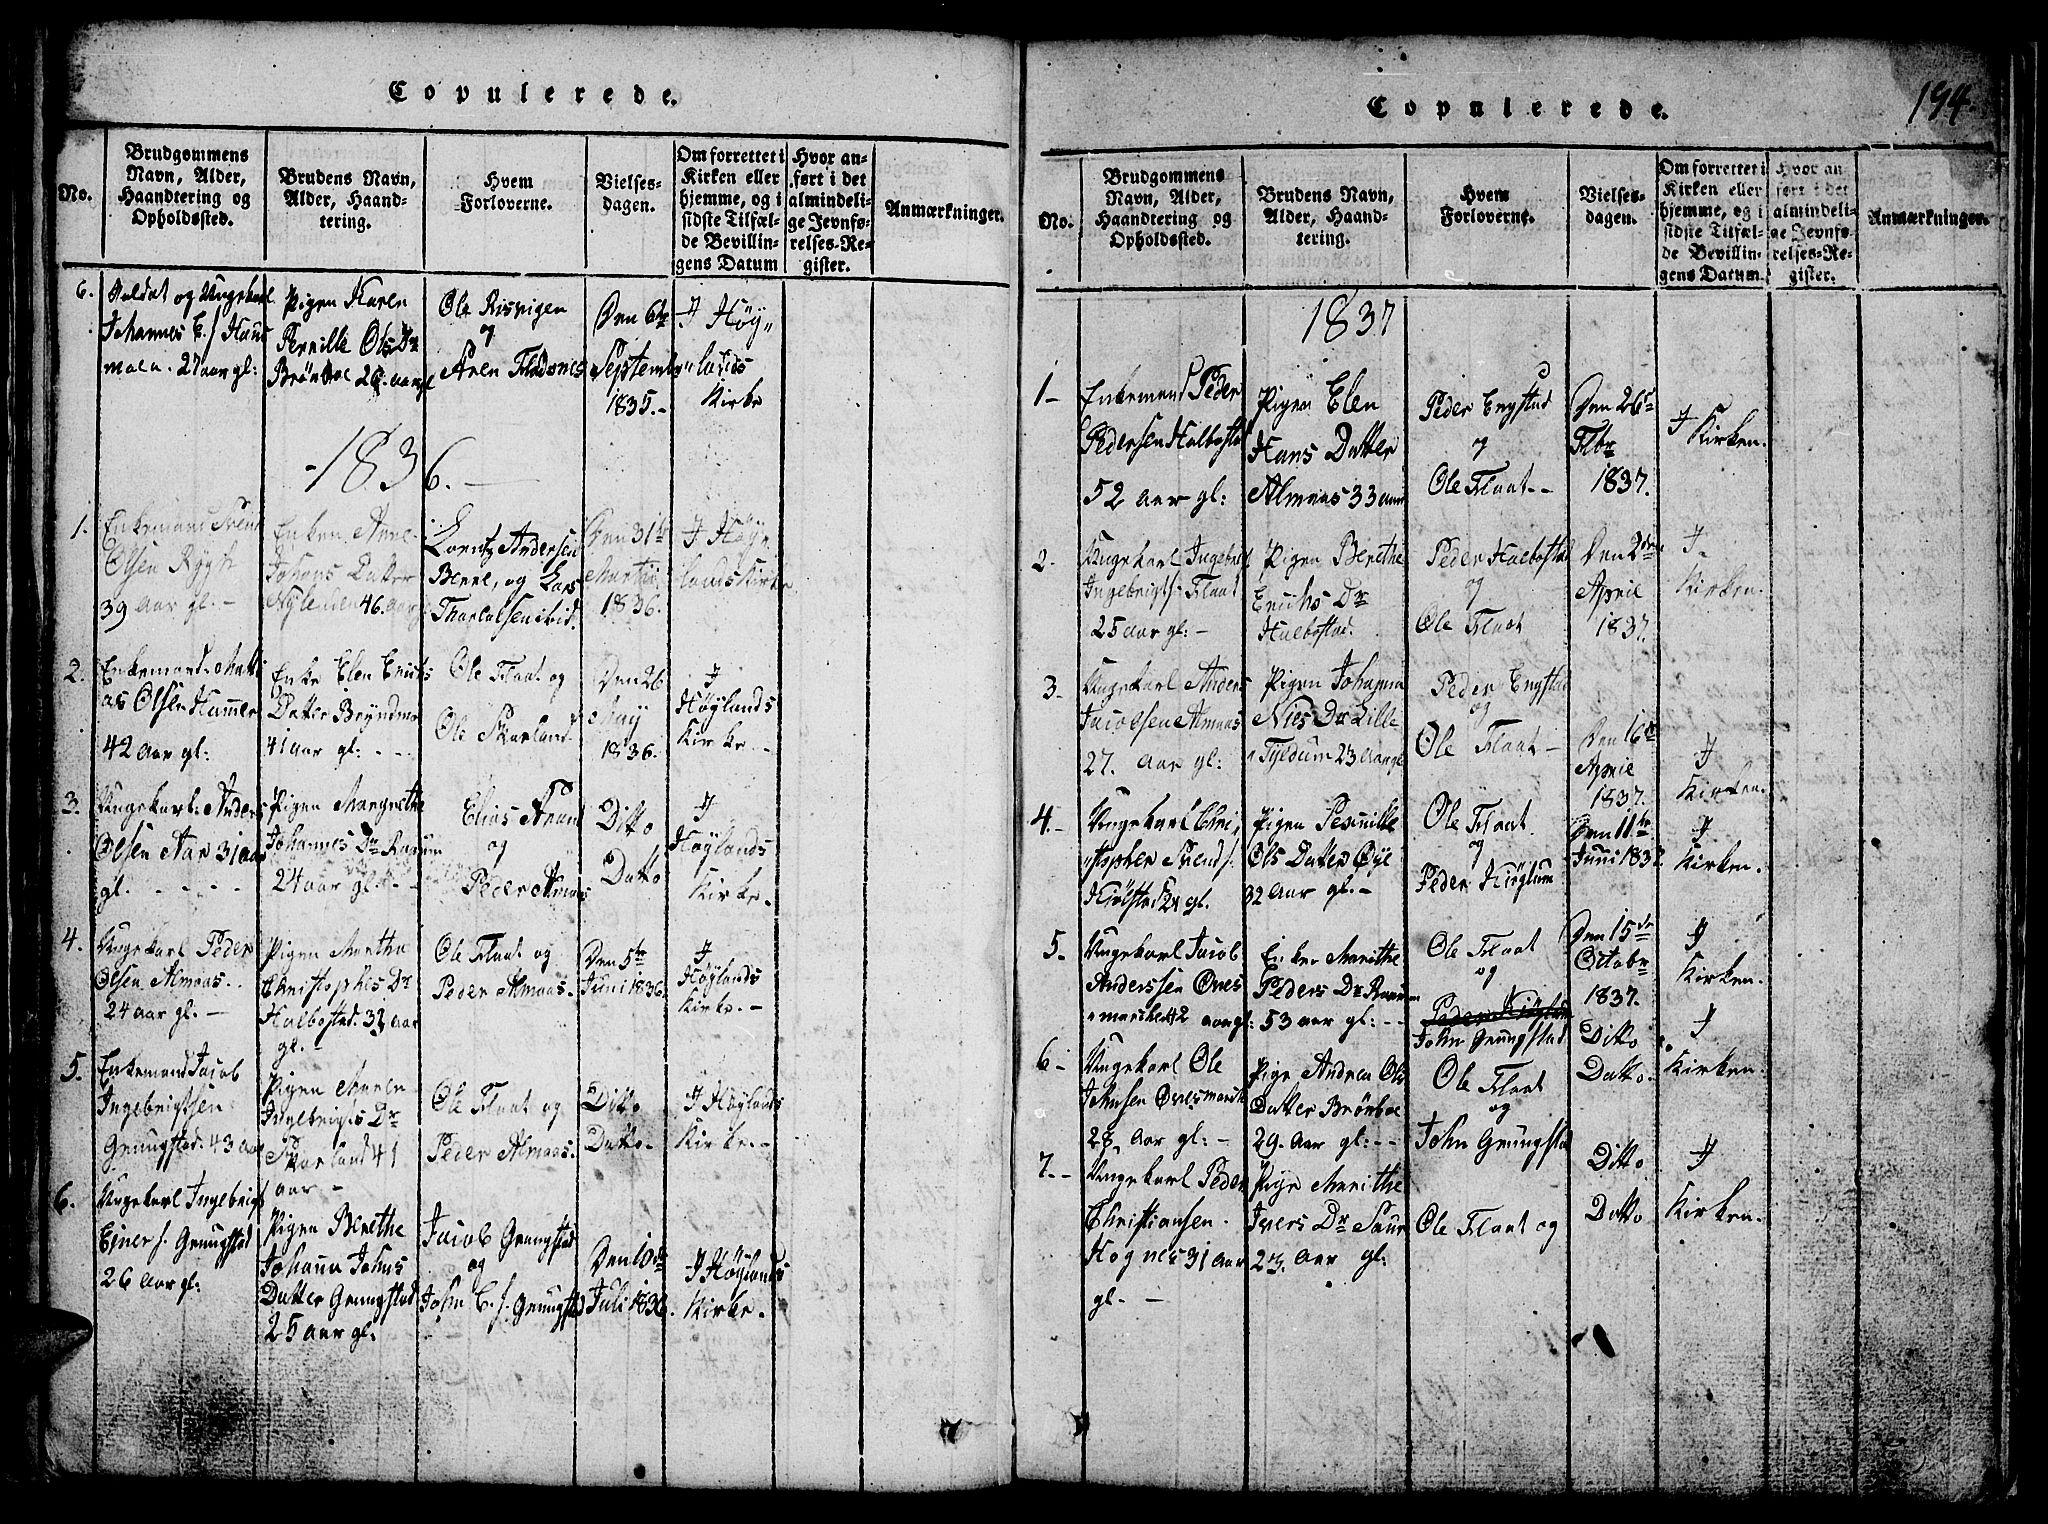 SAT, Ministerialprotokoller, klokkerbøker og fødselsregistre - Nord-Trøndelag, 765/L0562: Klokkerbok nr. 765C01, 1817-1851, s. 194